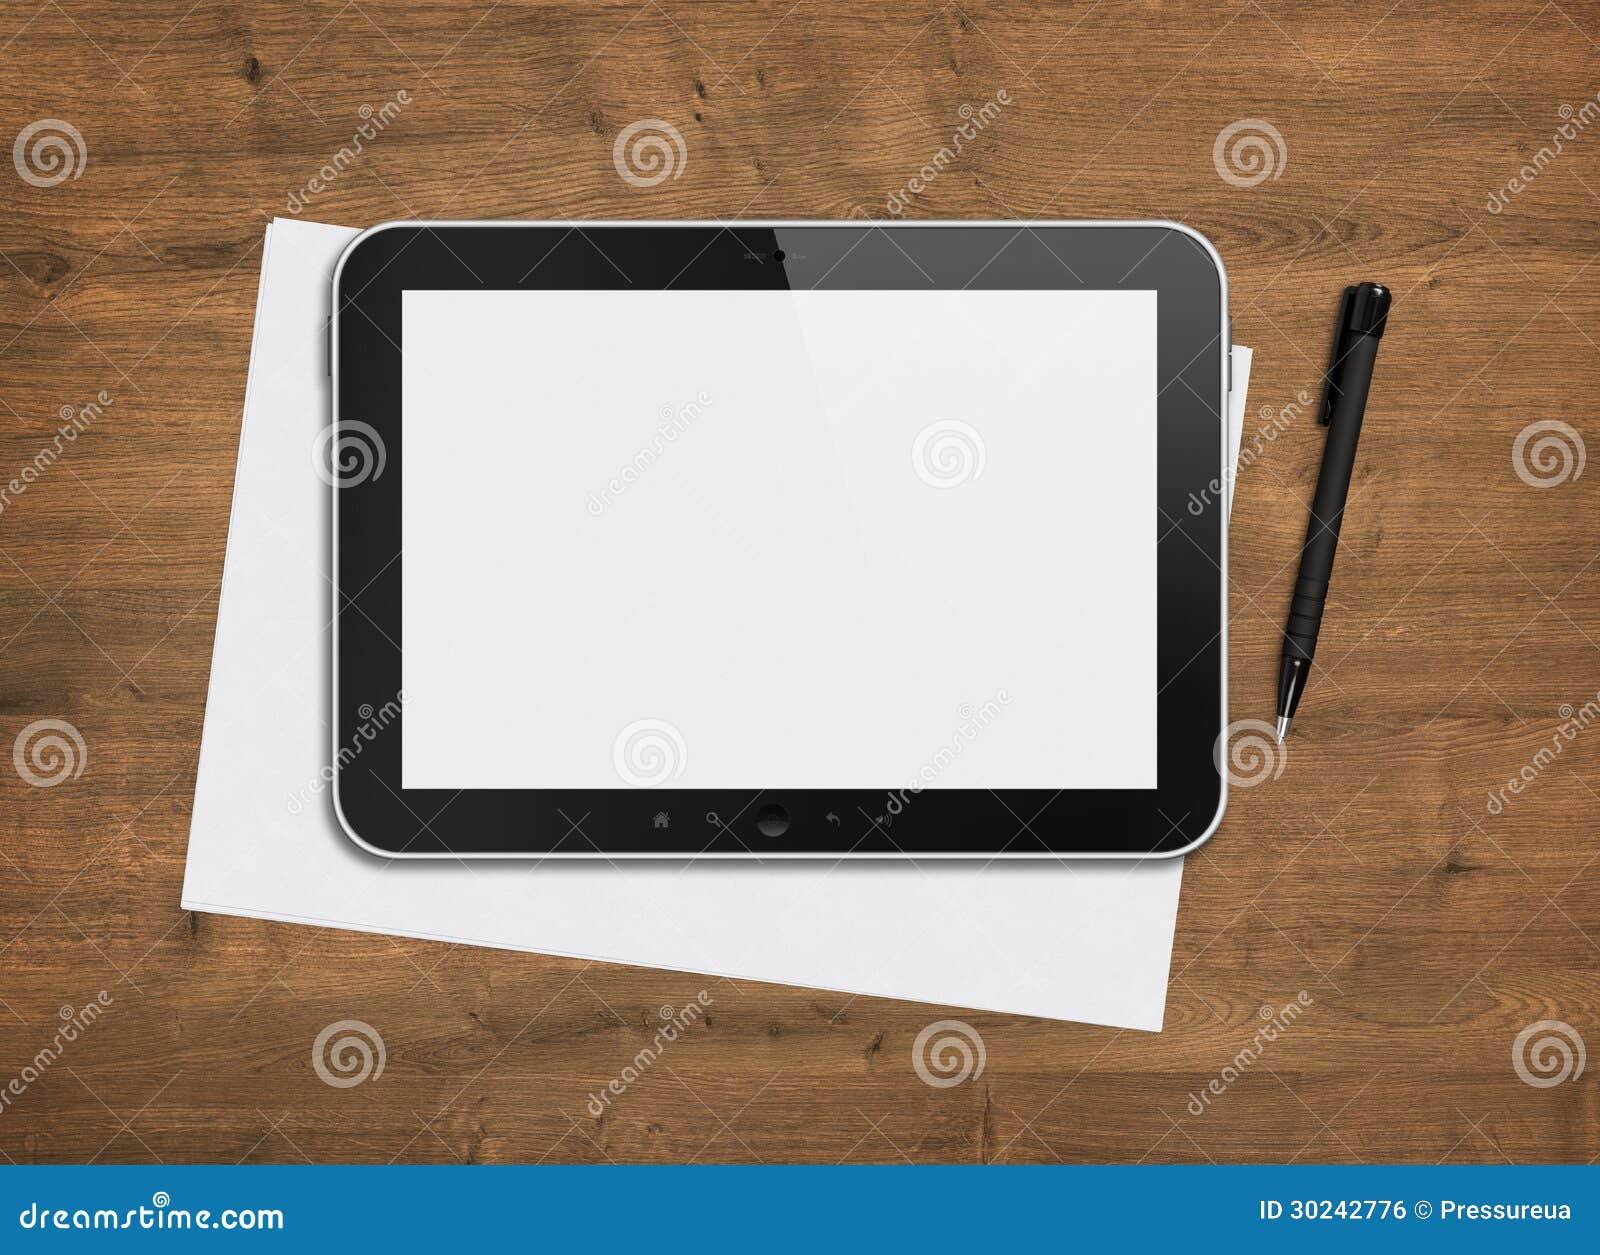 Tableta digital en blanco en un escritorio